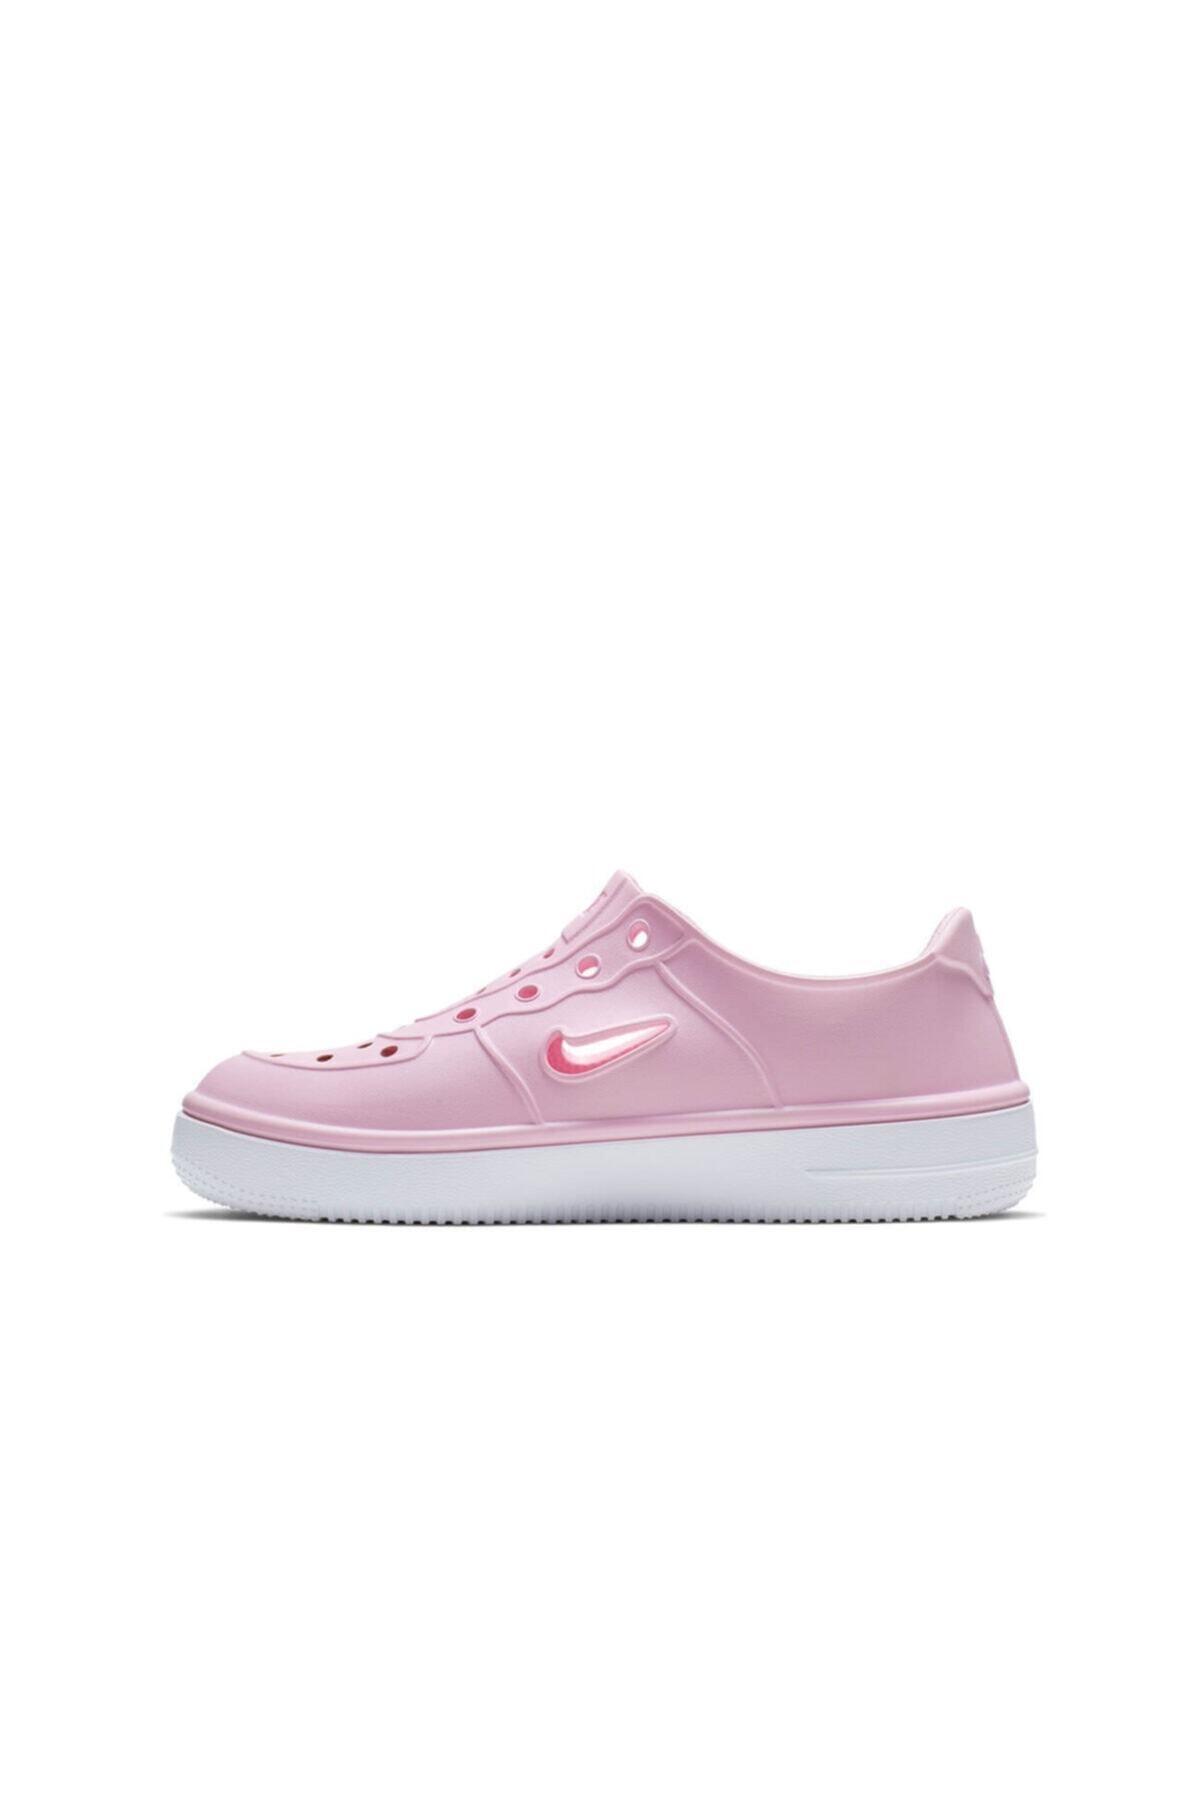 Nike Foam Force One Çocuk Ayakkabı 2